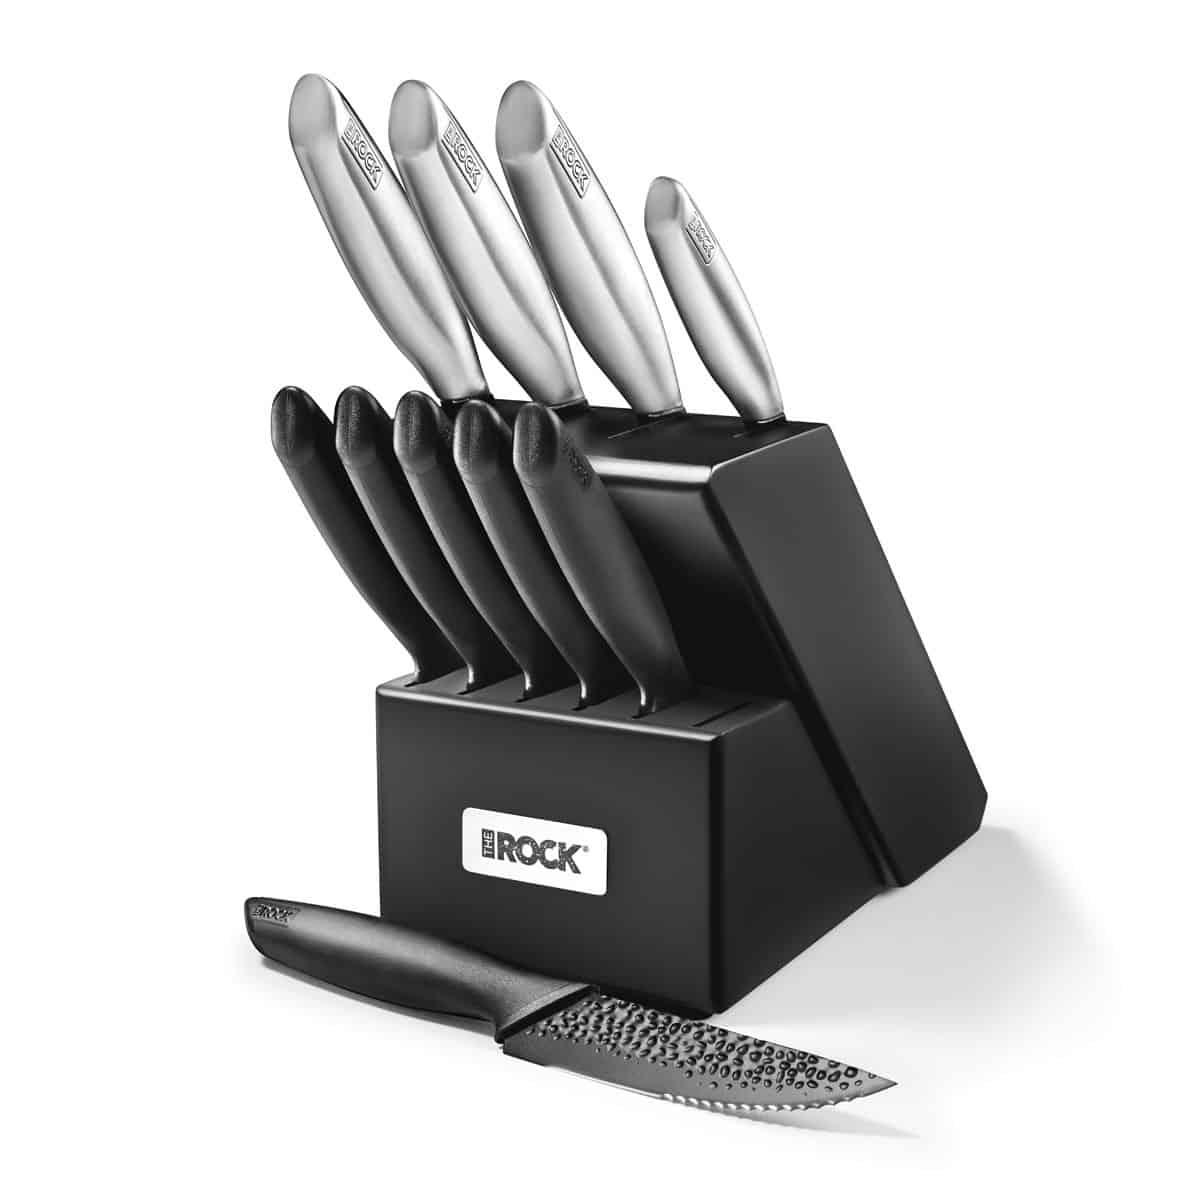 Quelle Cuisine Meilleur Rapport Qualité Prix set de couteaux de cuisine: test et comparatif en avril 2020